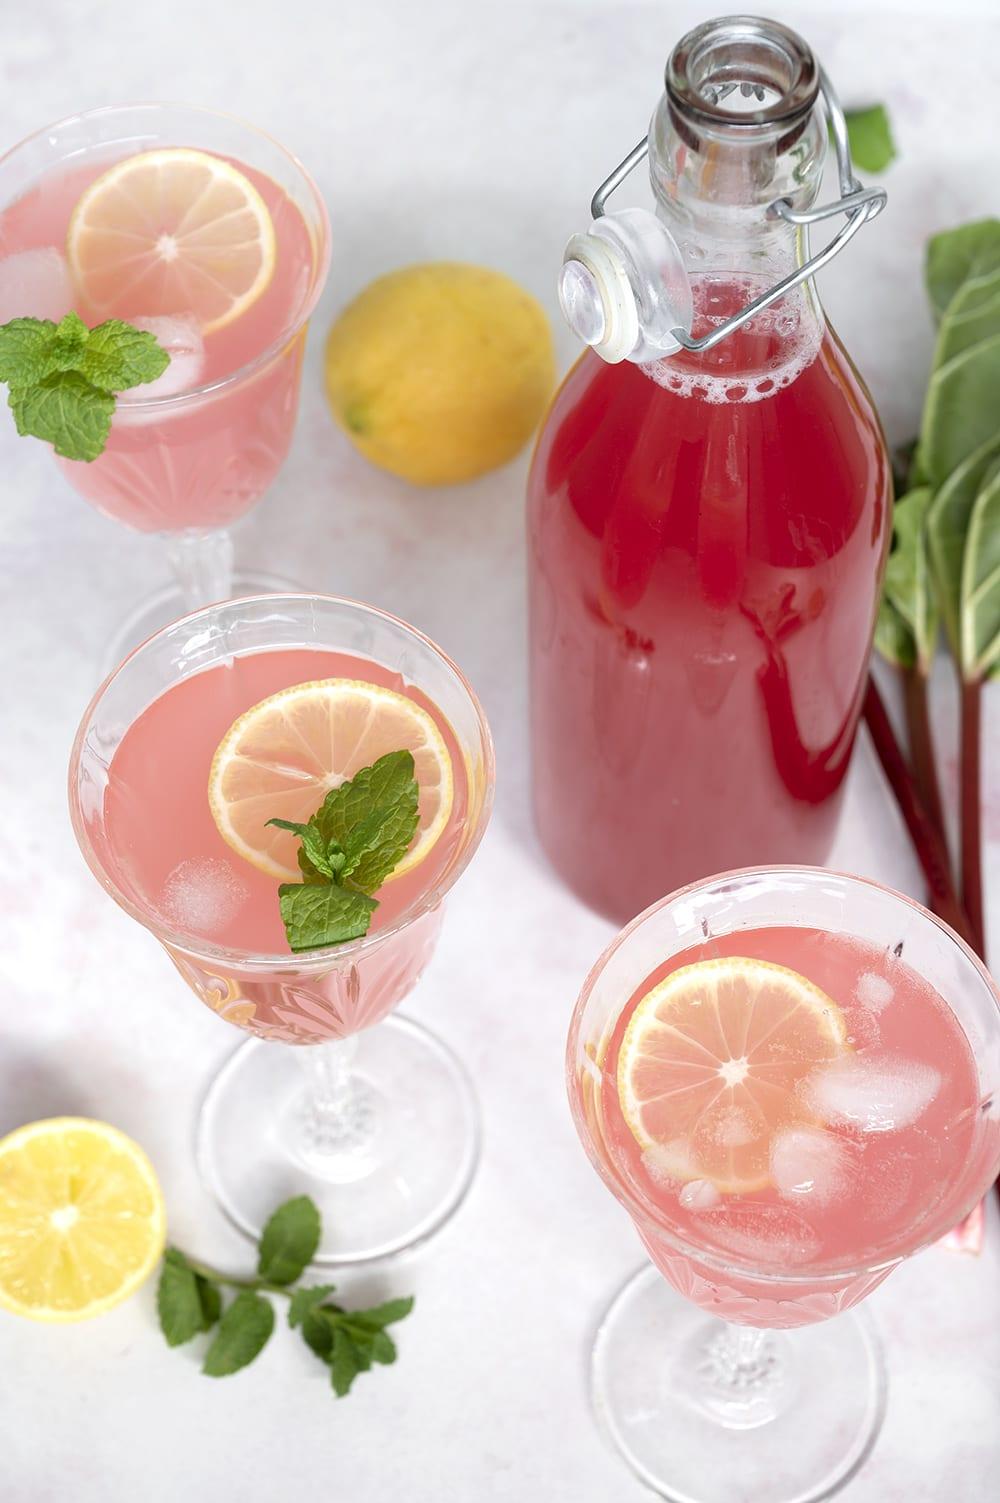 rabarber lemonade